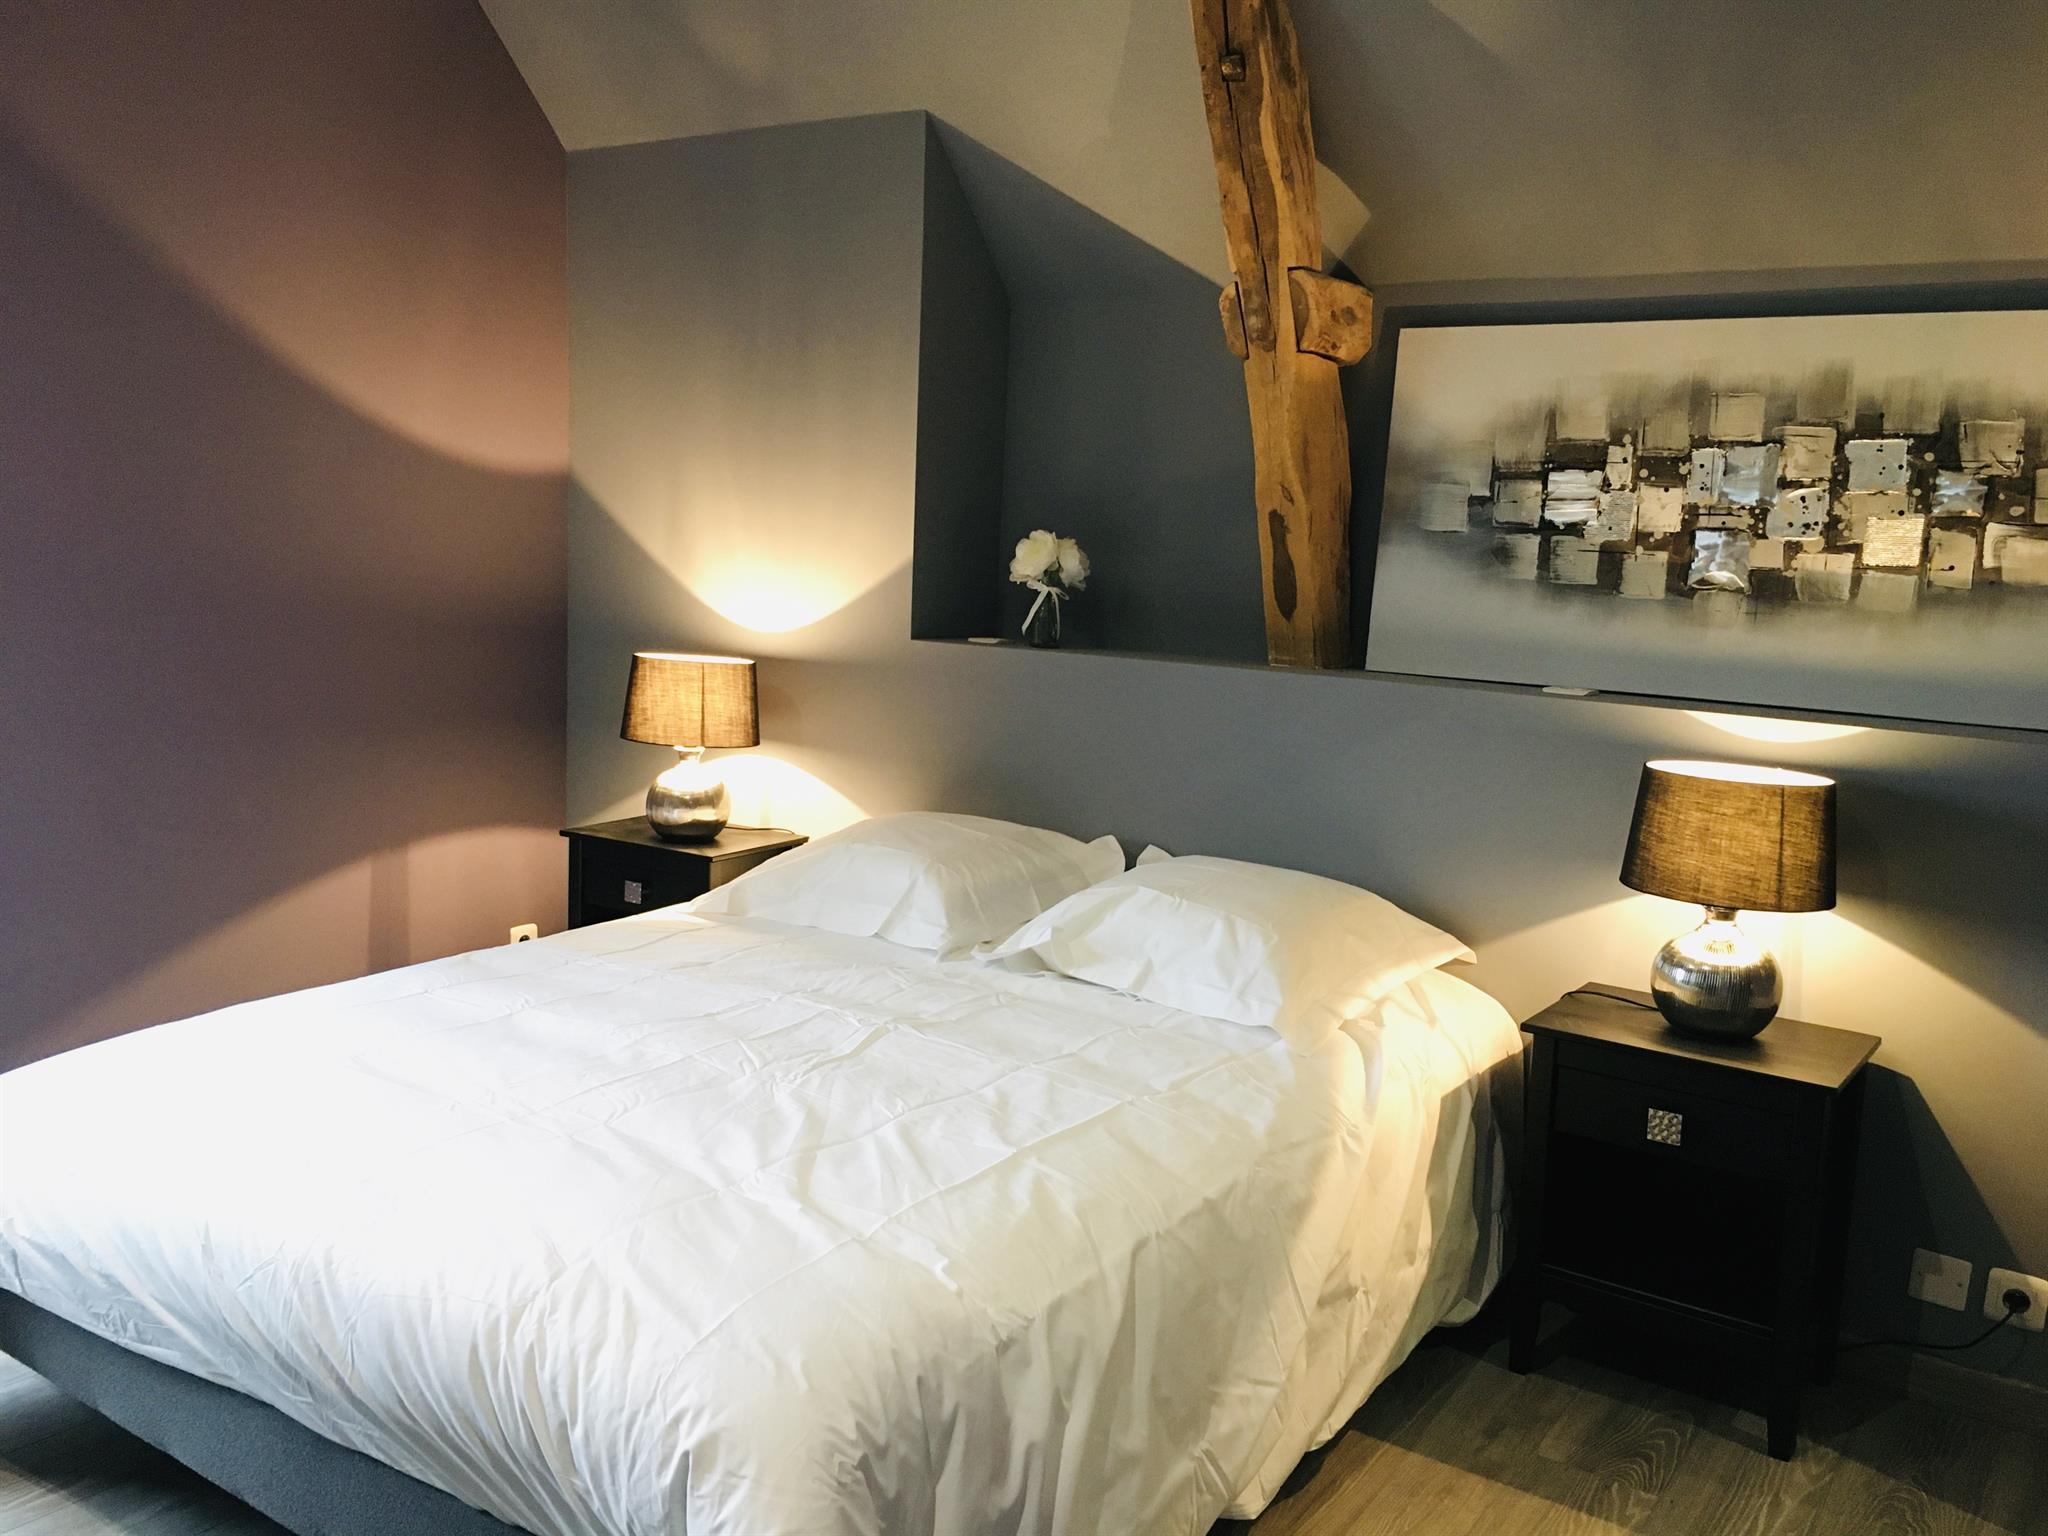 Ferienhaus Le Balcon de Louise Ferienhaus, Etagendusche oder -bad, 4 oder mehr Schlafräume (2776940), Gramat, Lot, Midi-Pyrénées, Frankreich, Bild 27